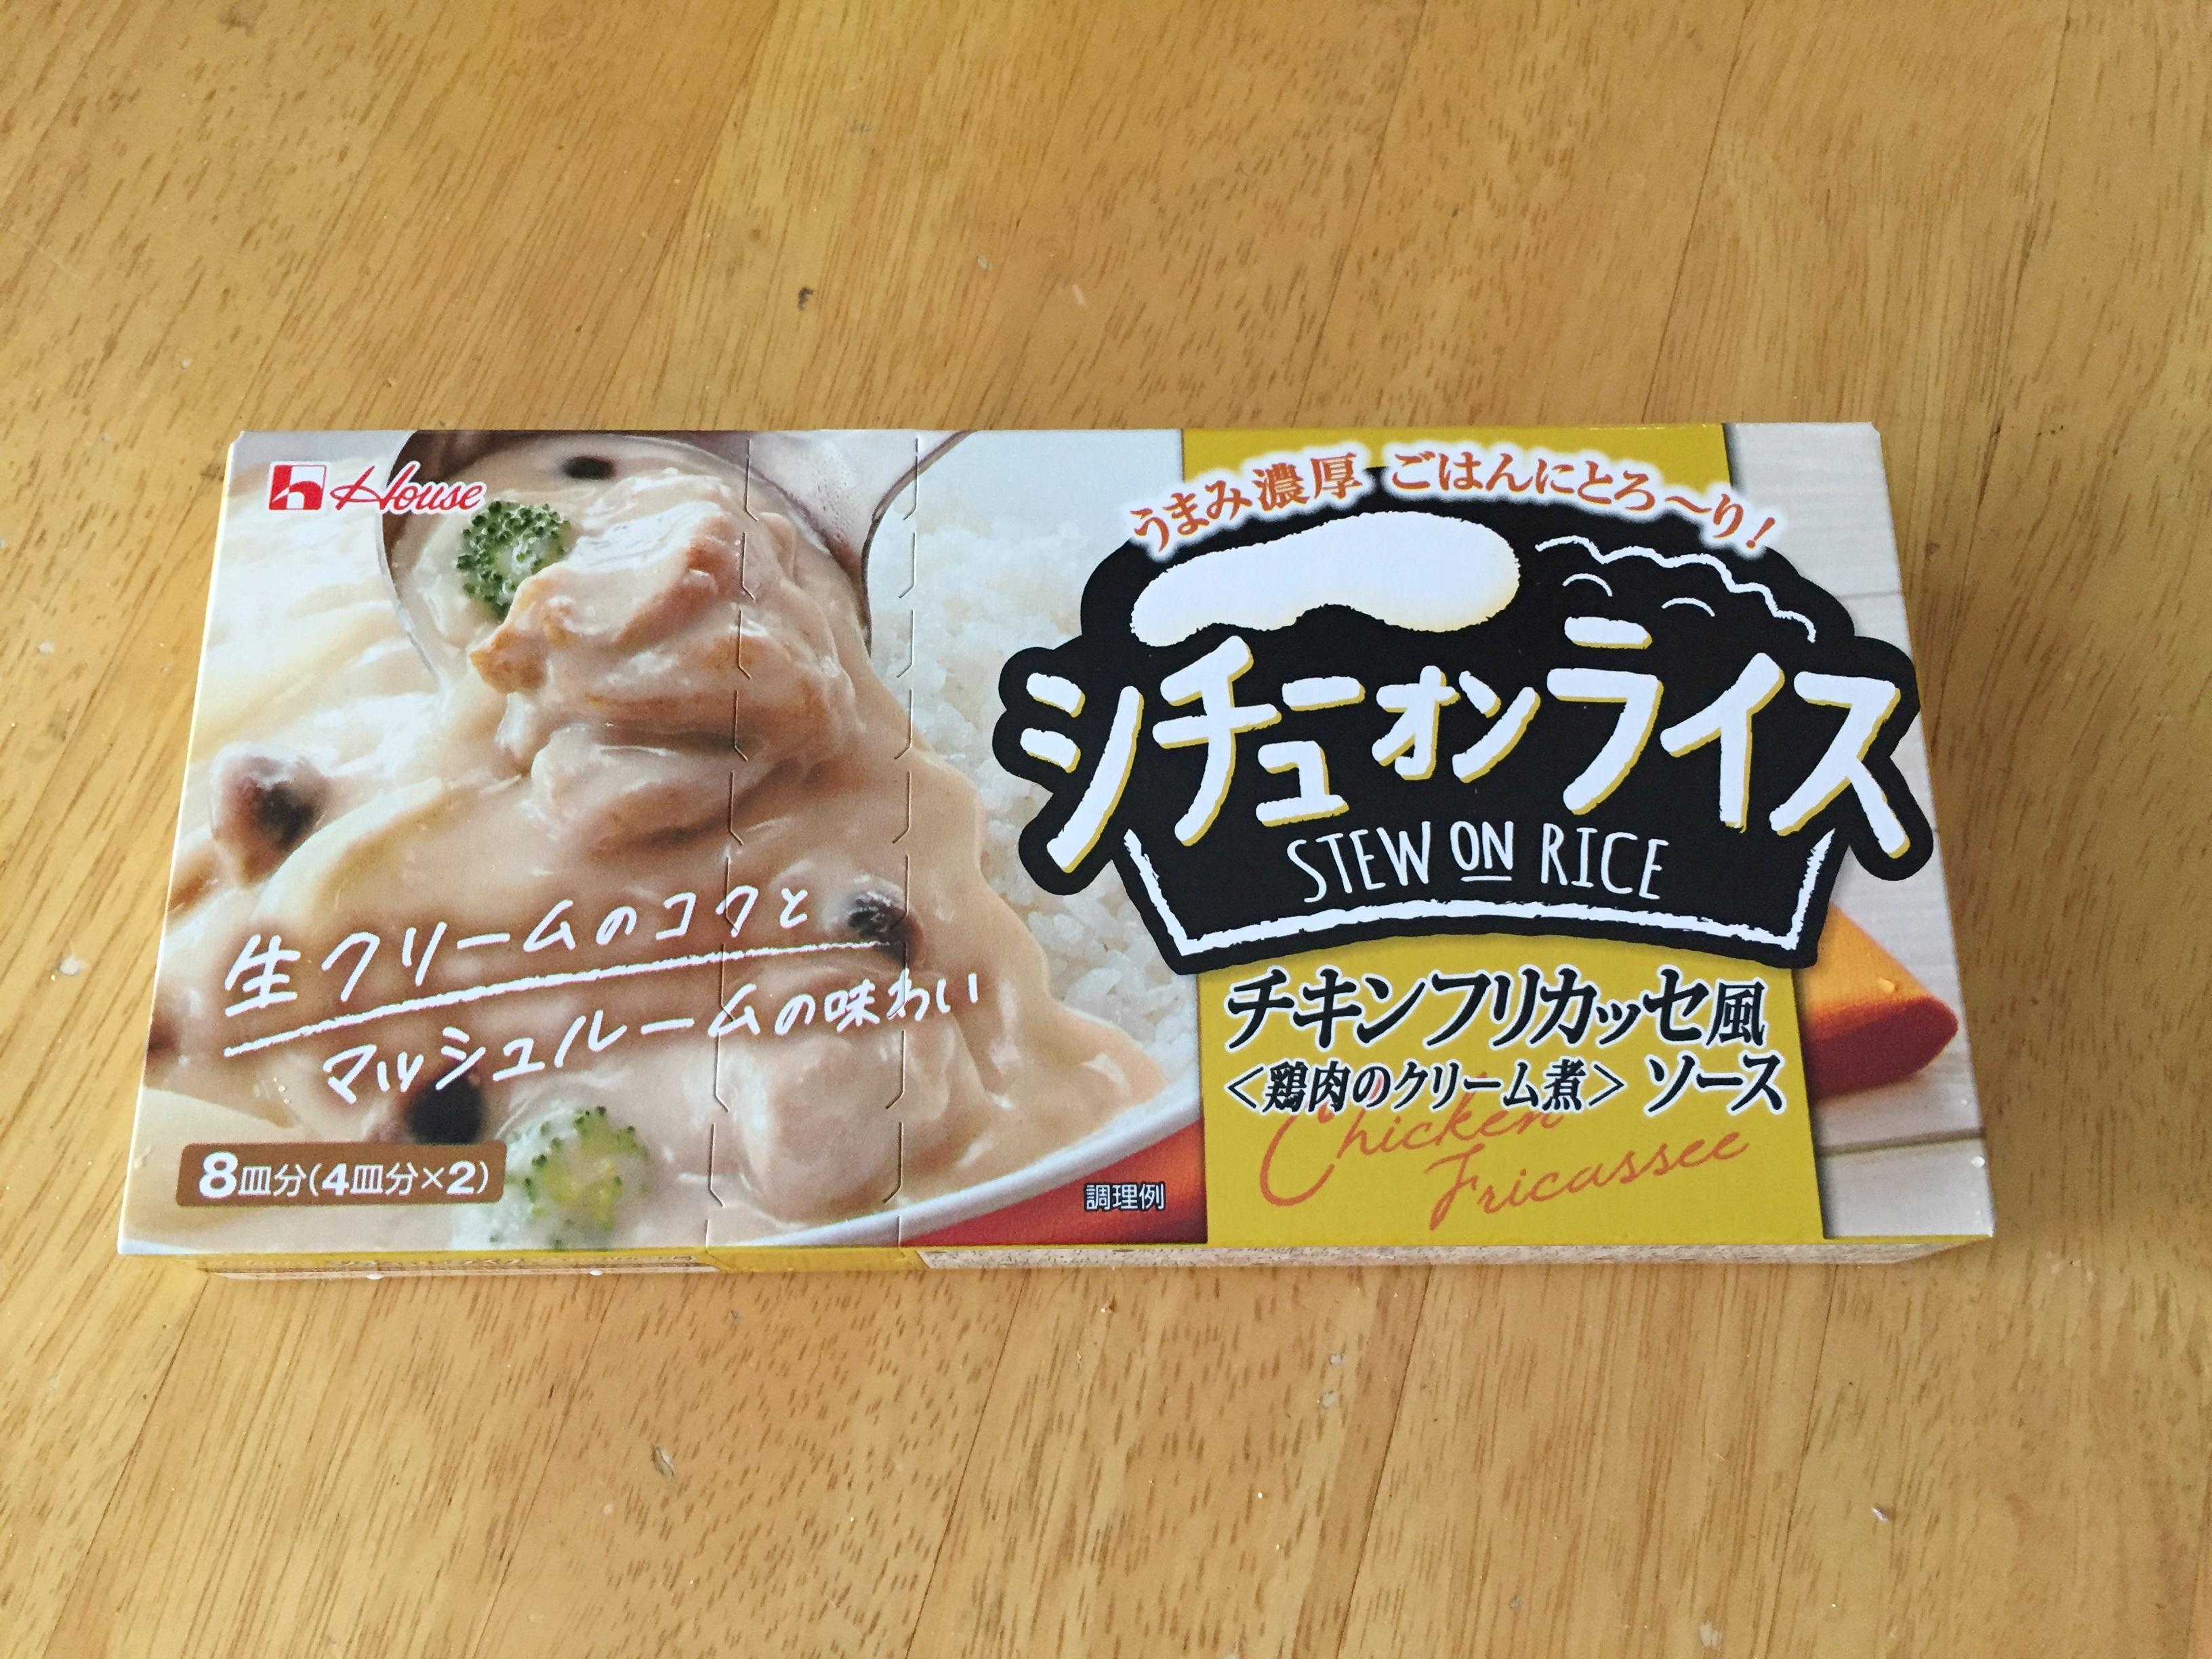 シチューオンライスの味は?作り方と感想。家族の評判はなかなか好評